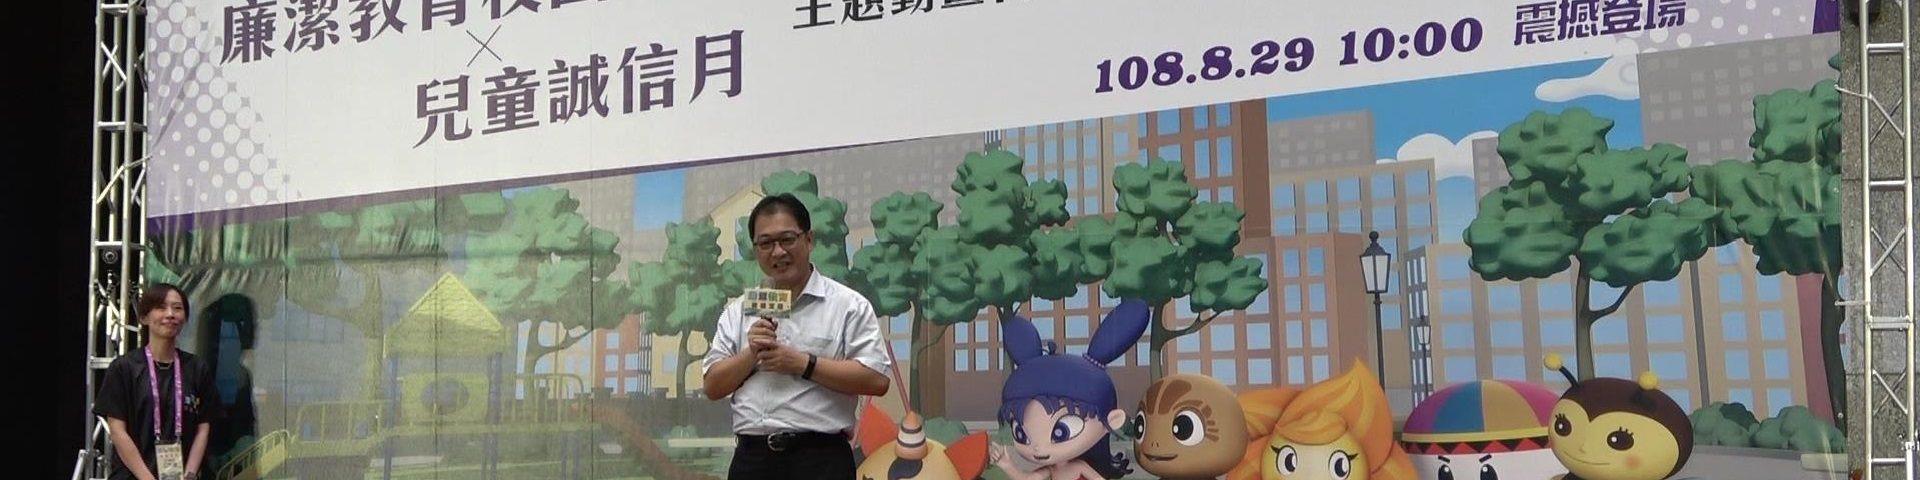 兒童誠信月主題動畫首映會活動